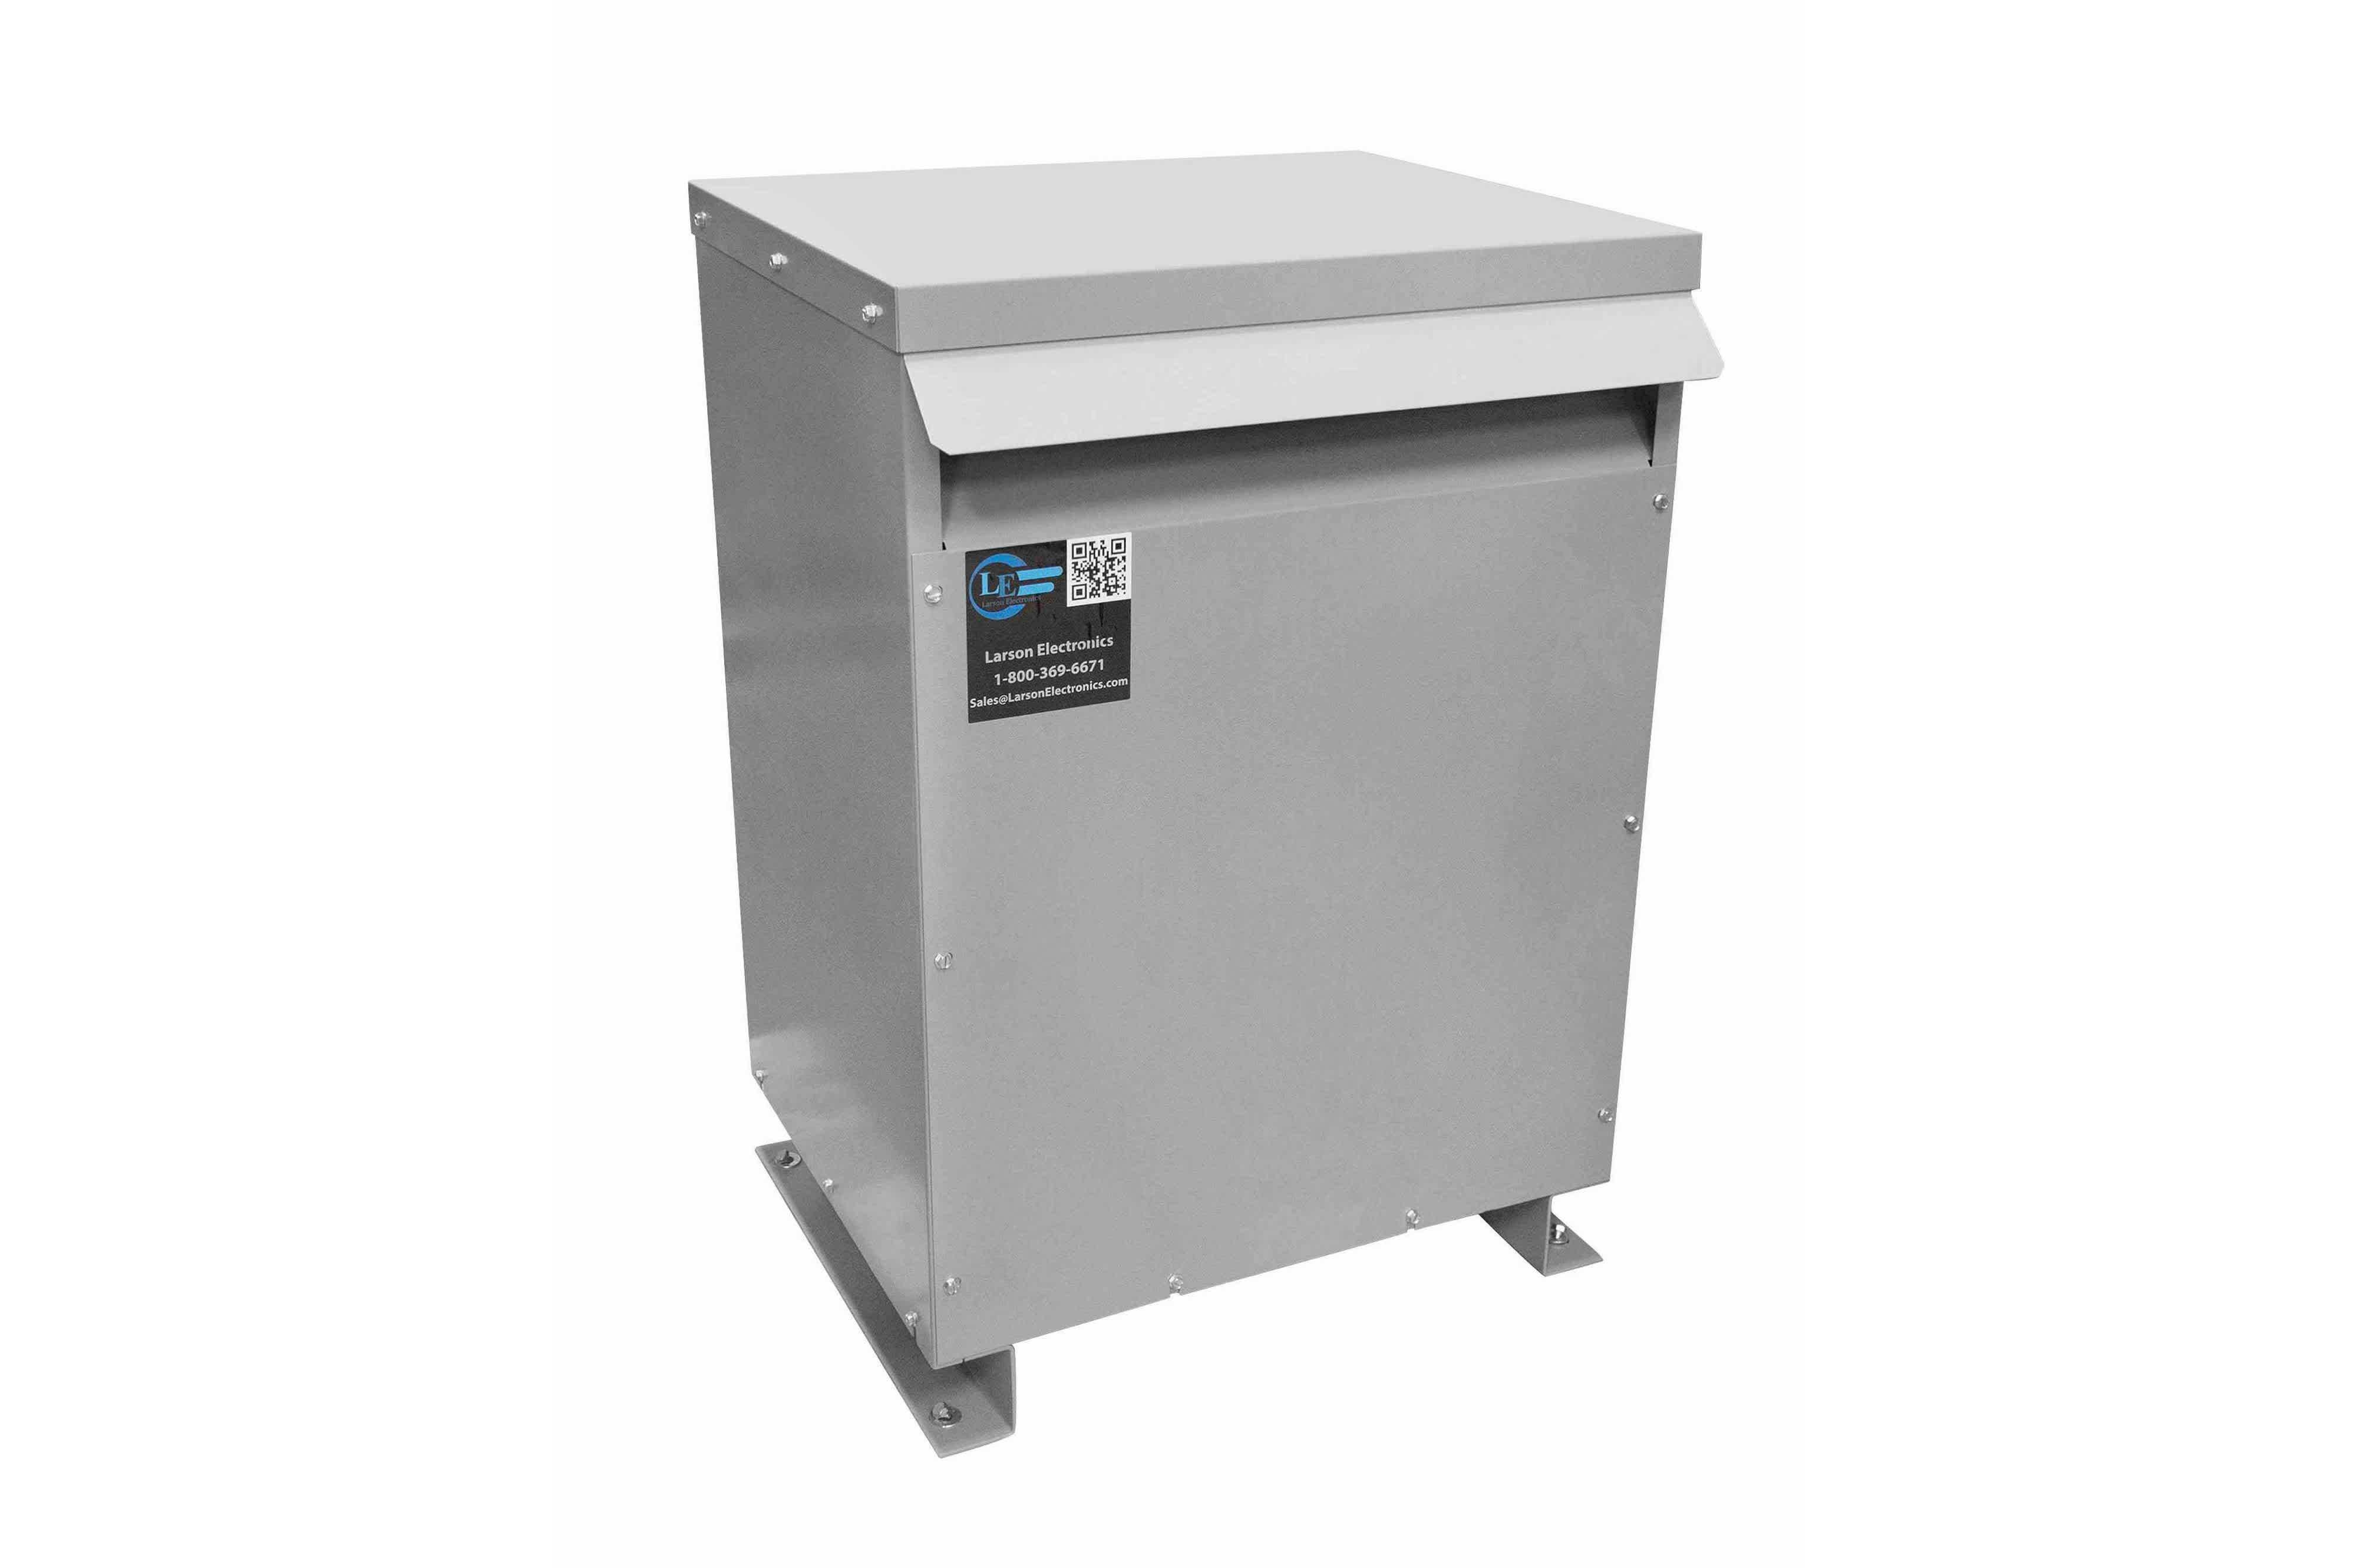 900 kVA 3PH Isolation Transformer, 575V Delta Primary, 380V Delta Secondary, N3R, Ventilated, 60 Hz